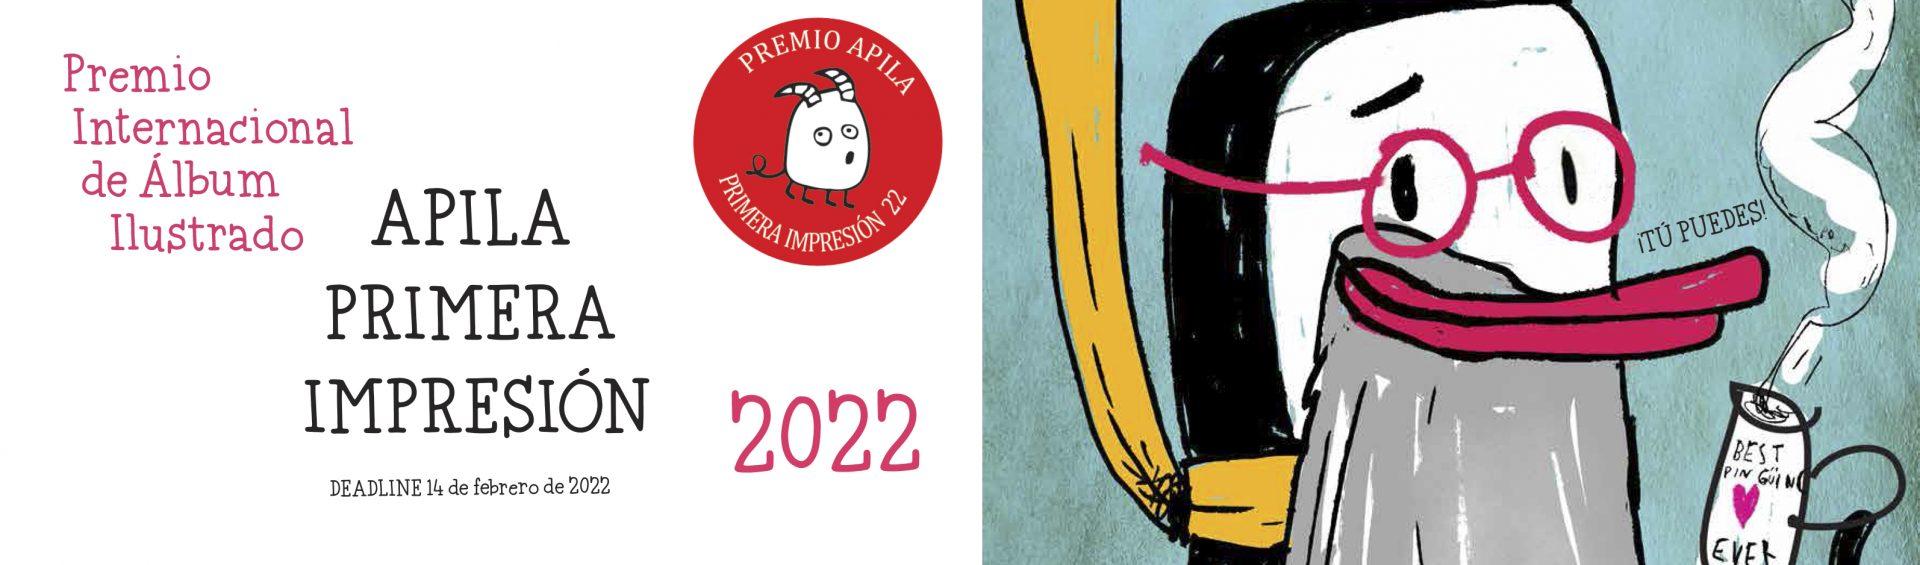 PREMIO APILA SLIDE 2022